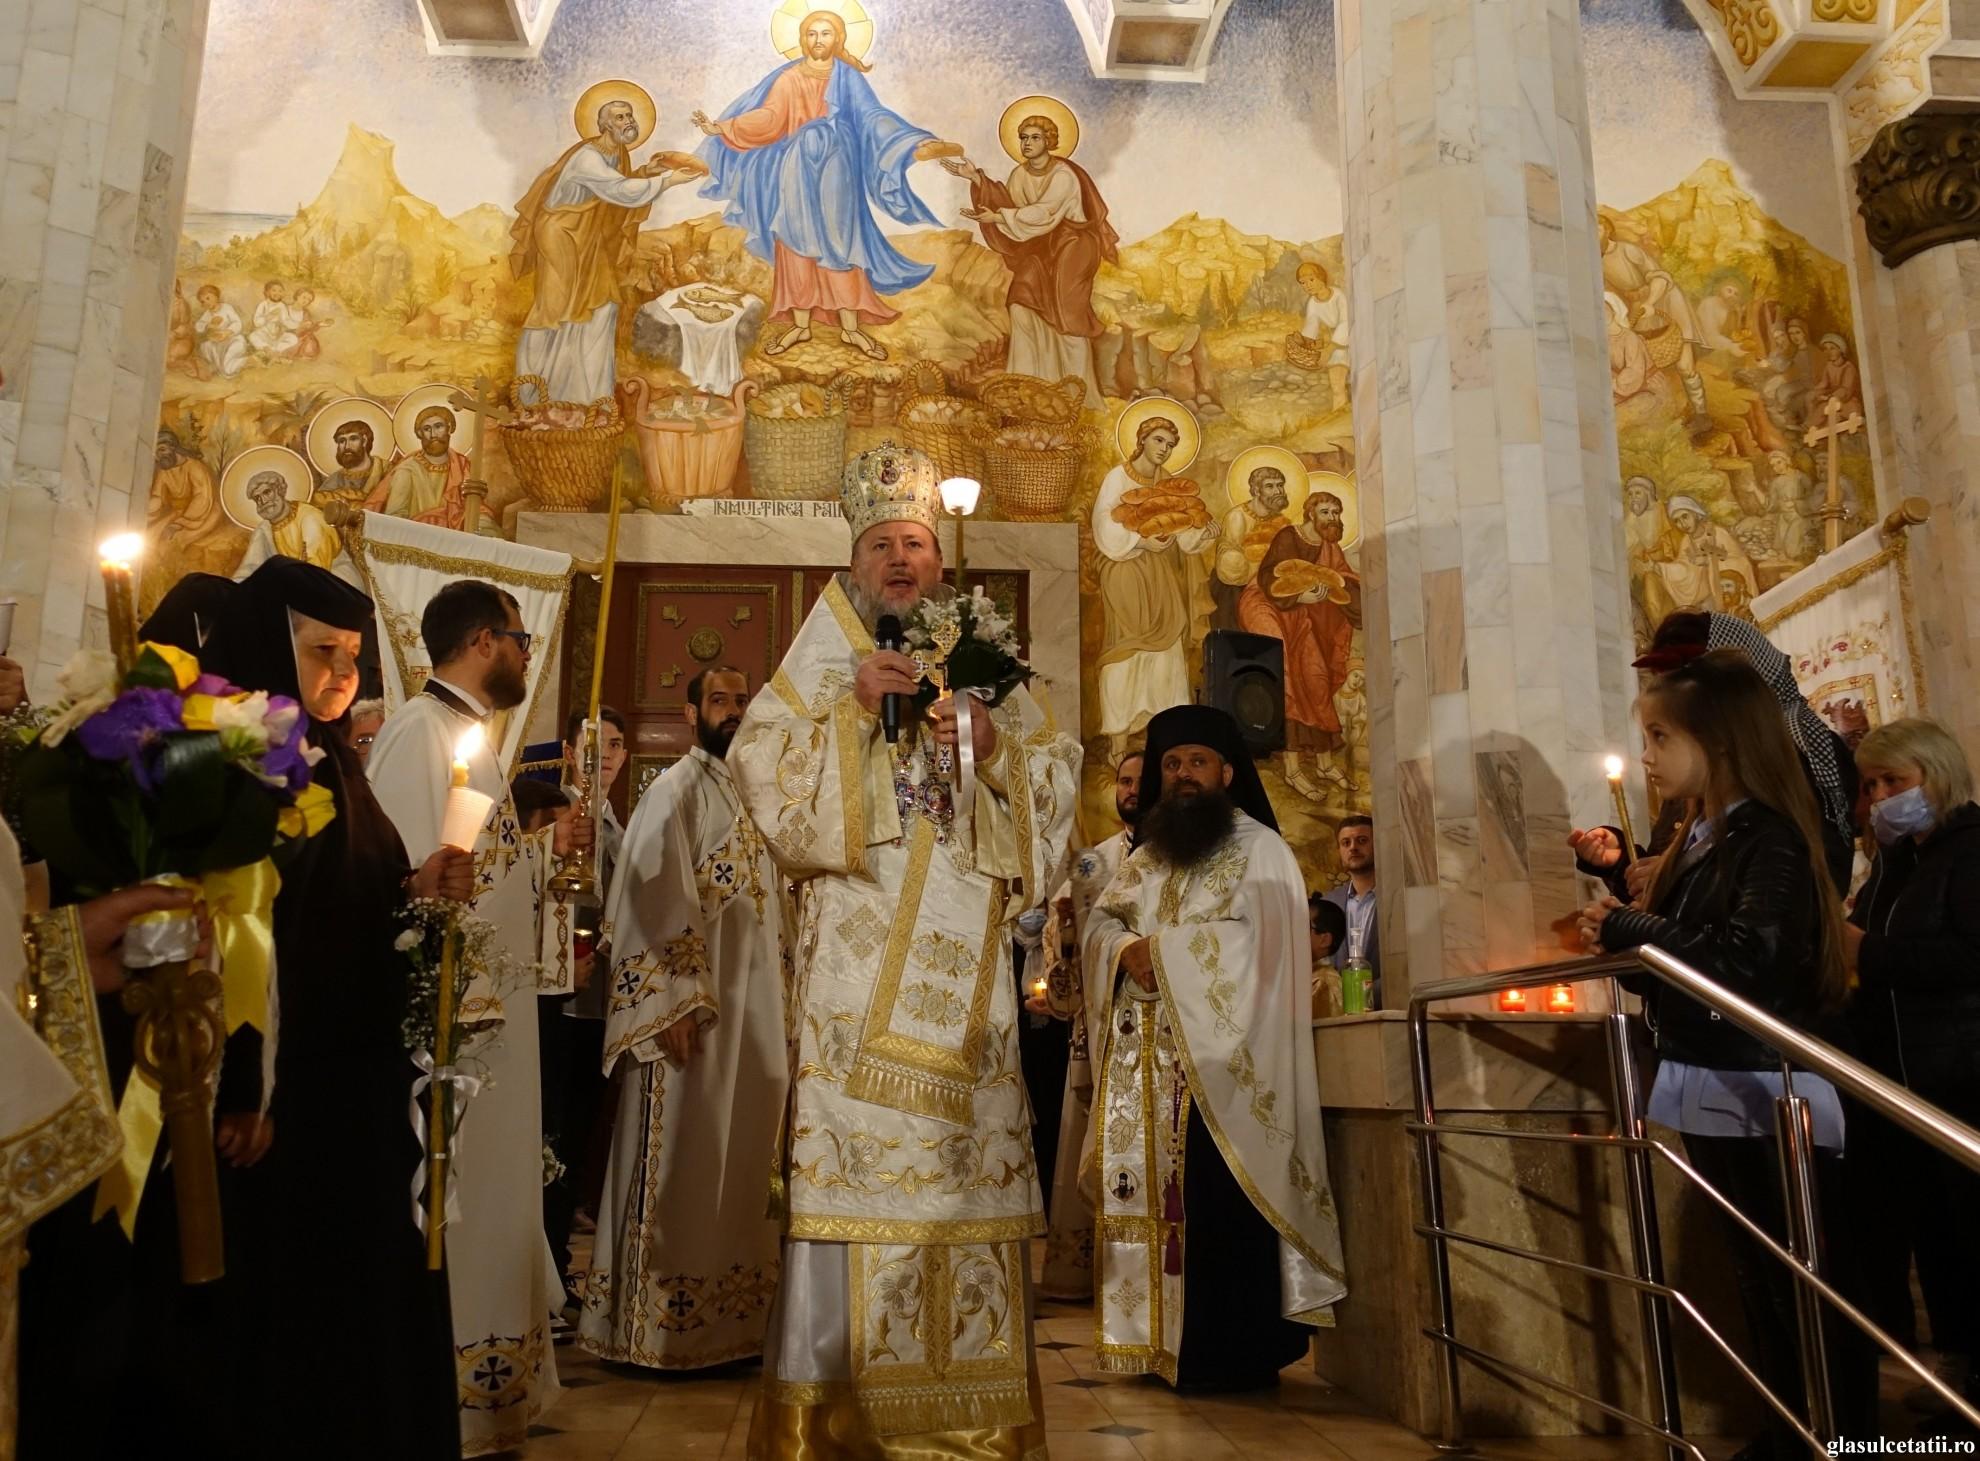 ÎN IMAGINI – Slujba Învierii și Liturghia Arhierească la Mănăstirea Gai